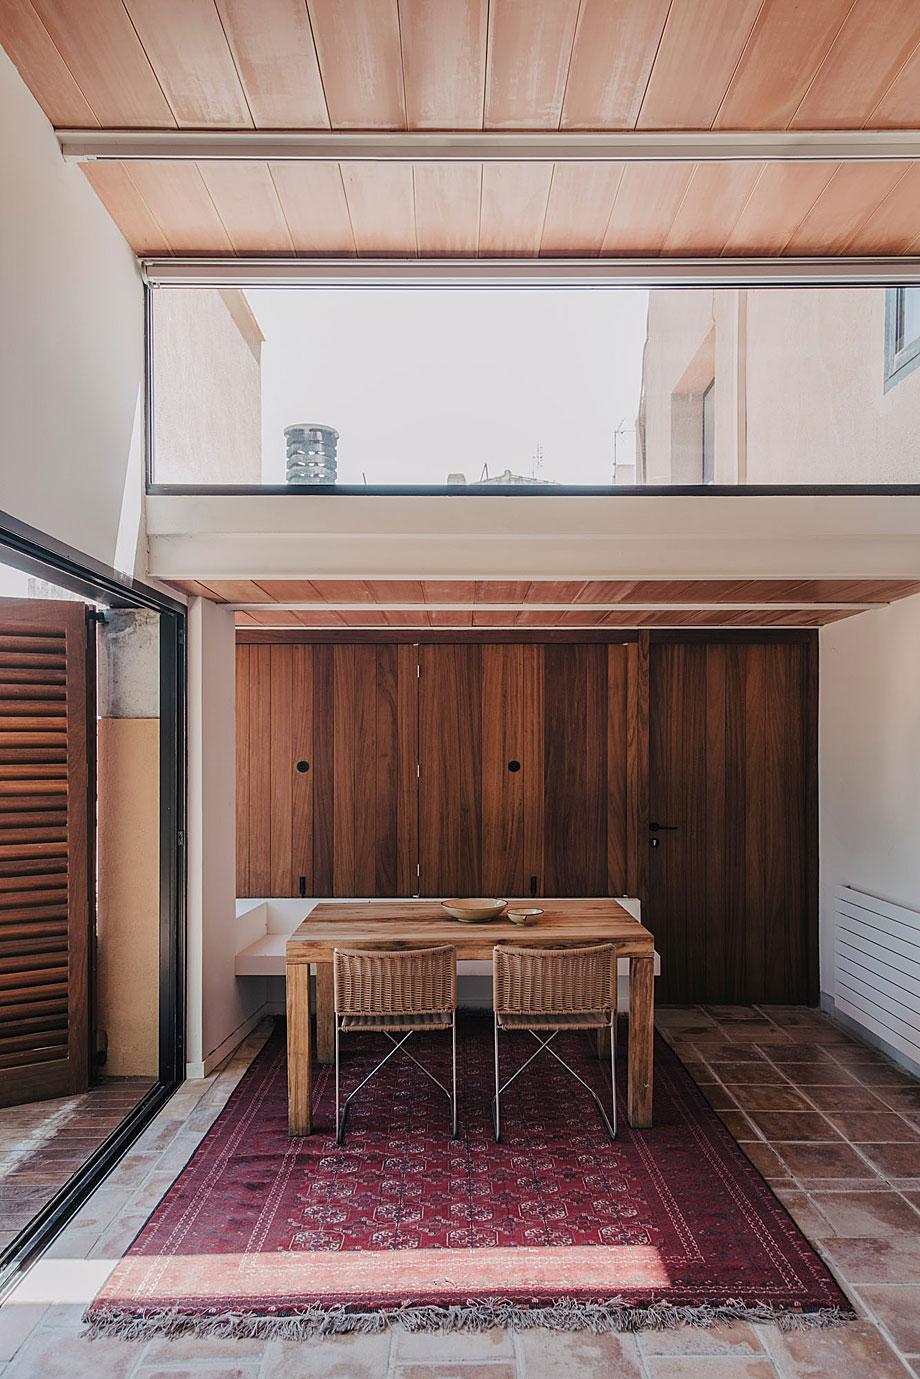 mesura-architecture-sant-mori-ampliacion-girona-housing-project-spain-arquitectura-1